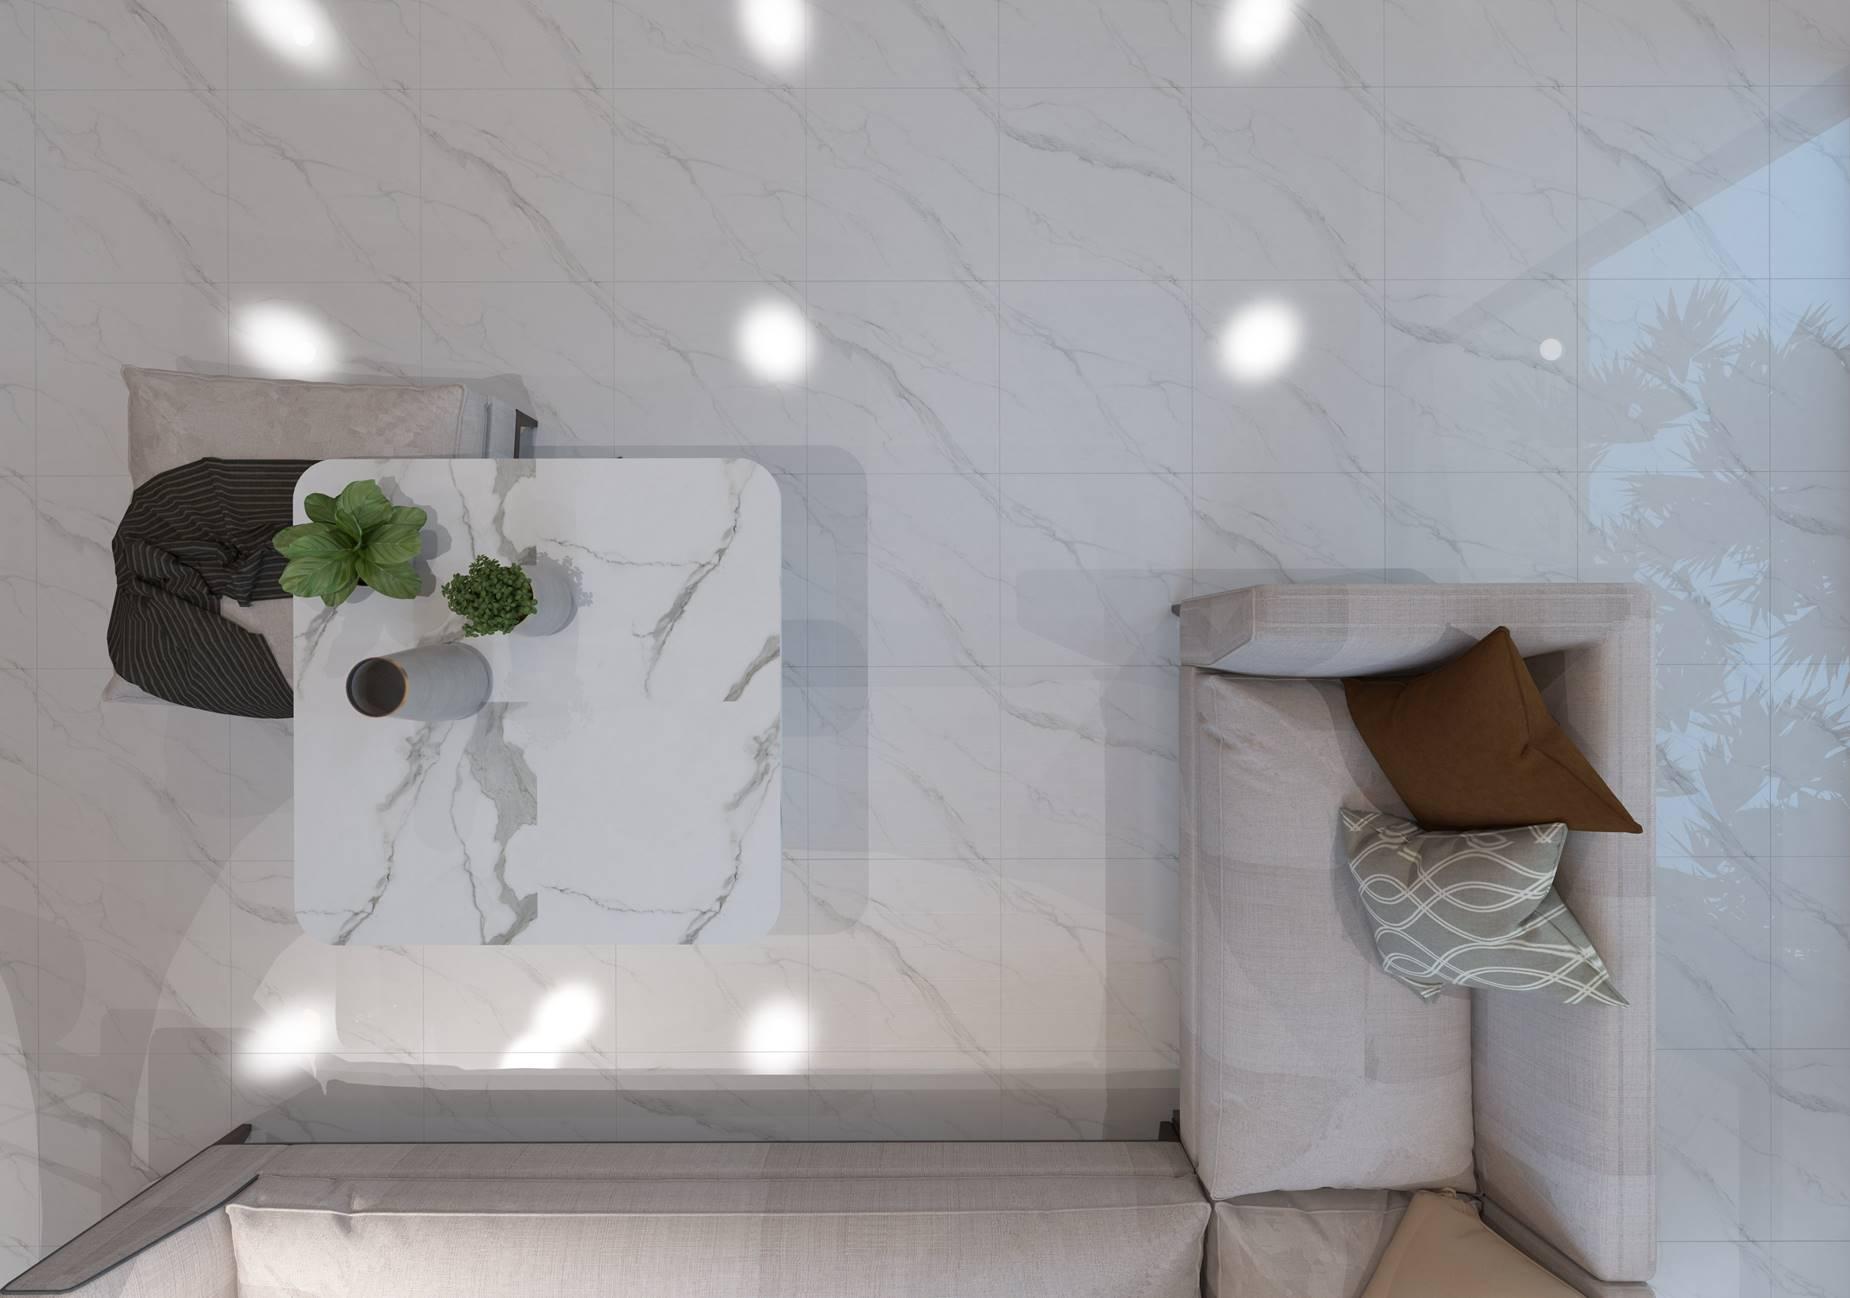 Sehati Carrara Stone ambience 3